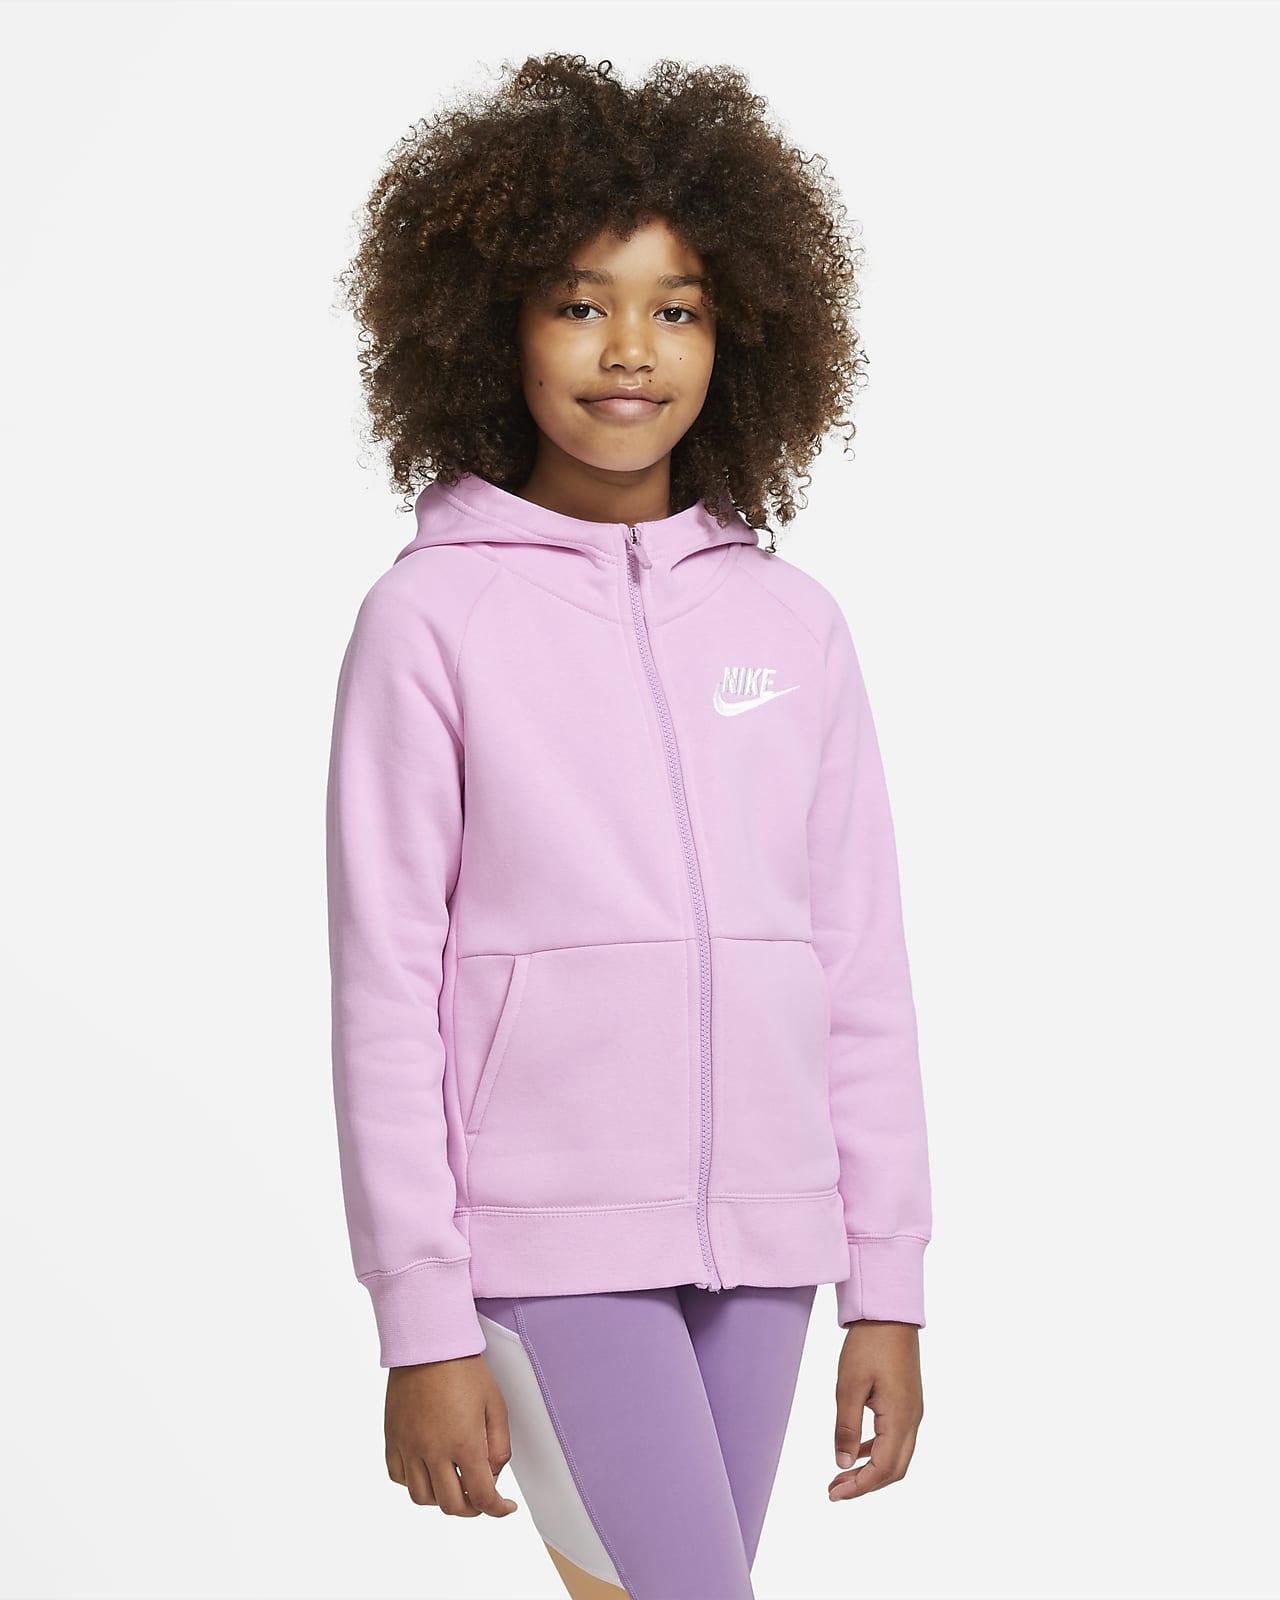 Κοριτσίστικη μπλούζα με κουκούλα και φερμουάρ σε όλο το μήκος Nike Sportswear